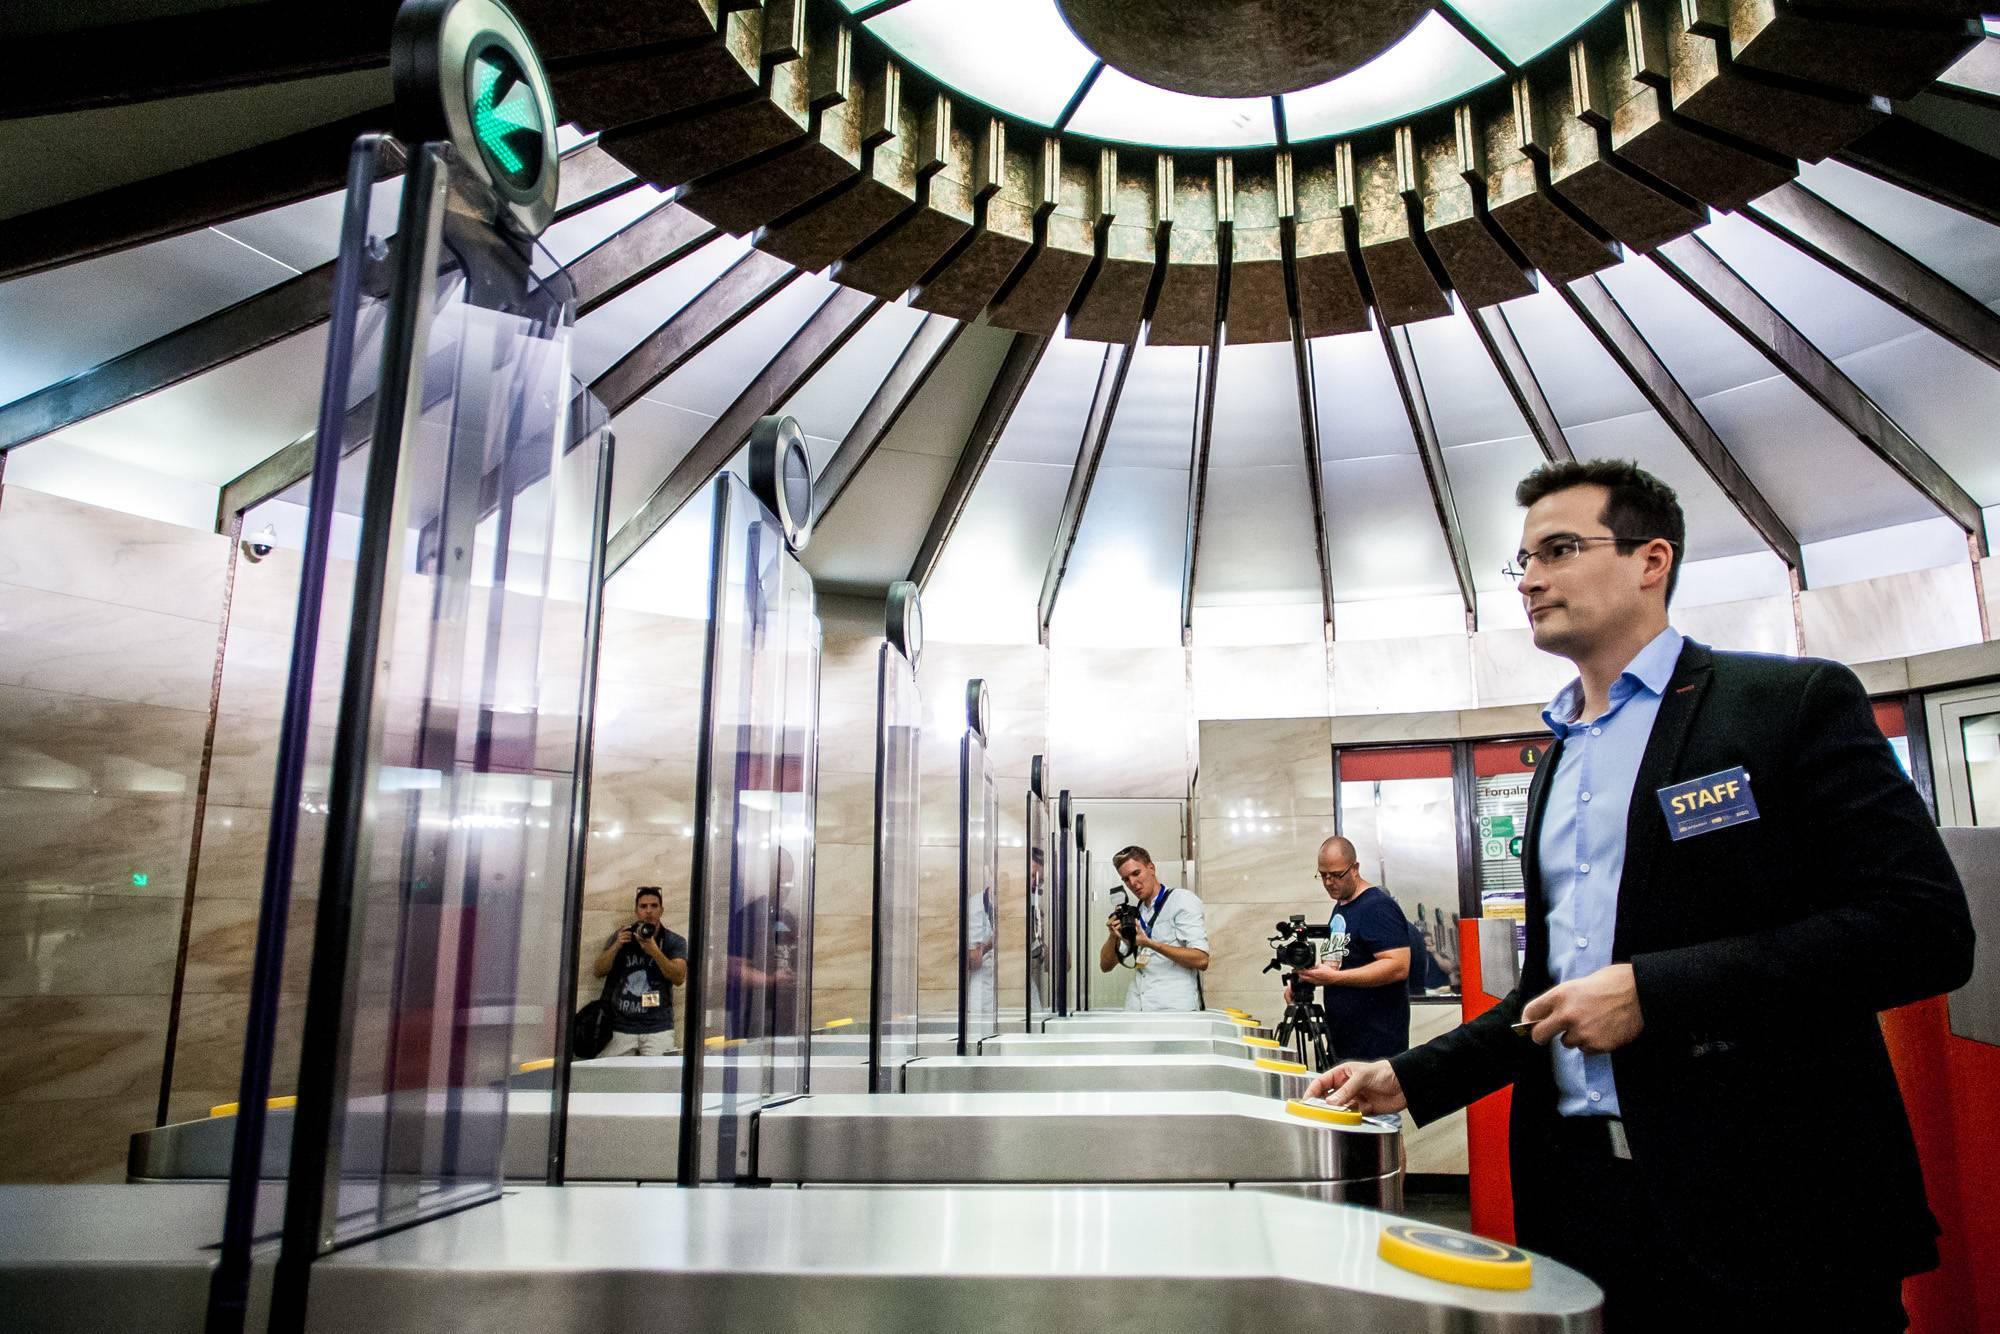 2017.08.30. A BKK új beléptetőkapui a Deak Ferenc téri metróállomáson. Fotó: Karancsi Rudolf/24.hu